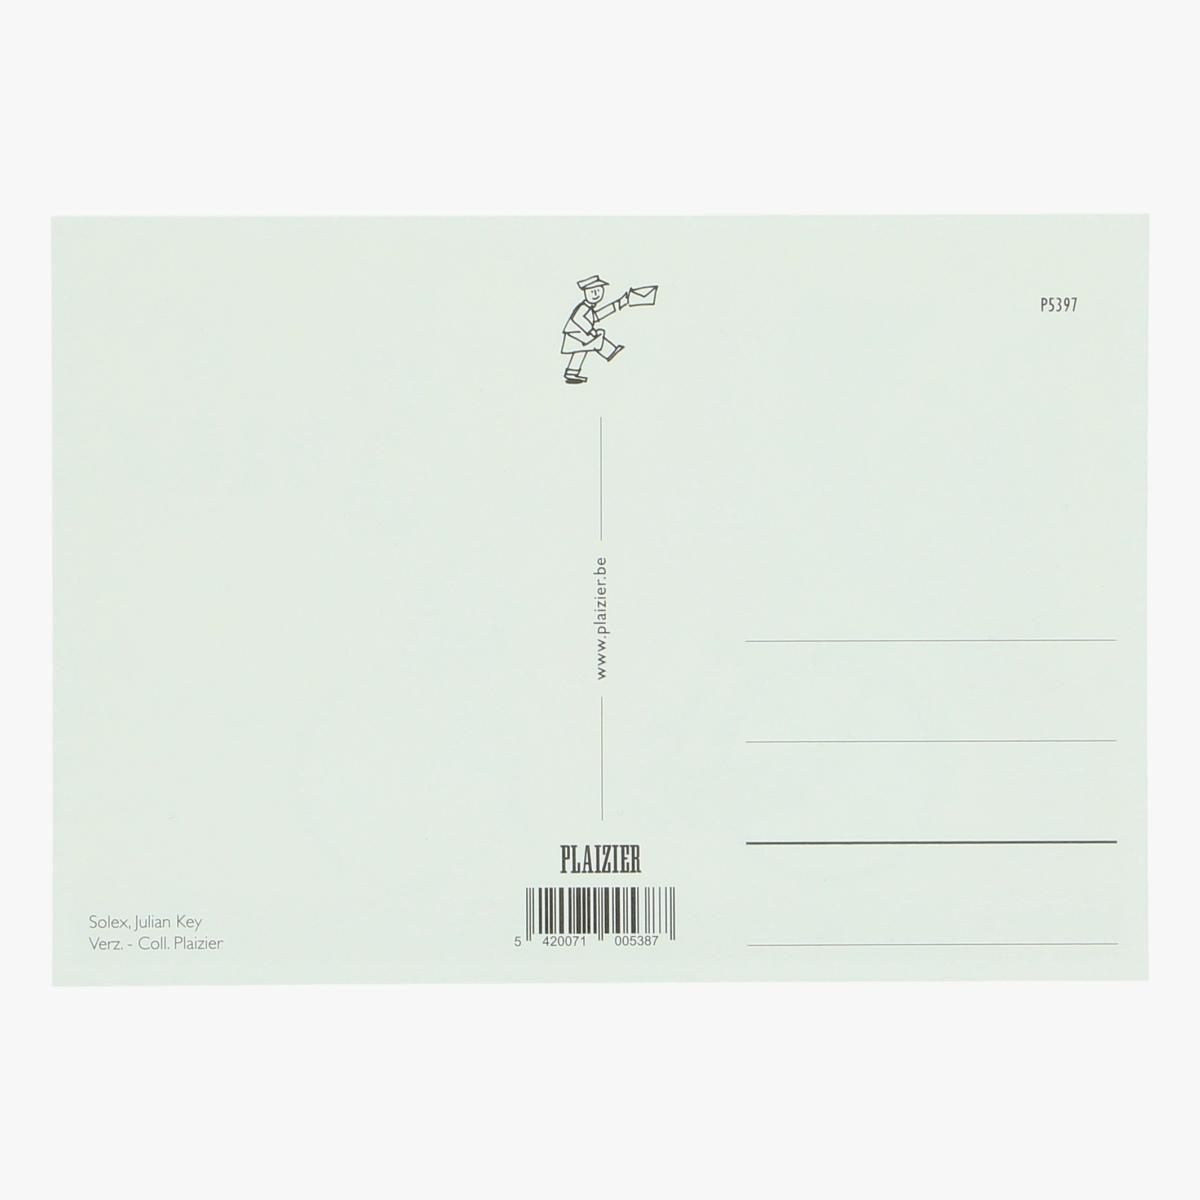 Afbeeldingen van postkaart solex , Julian key repro